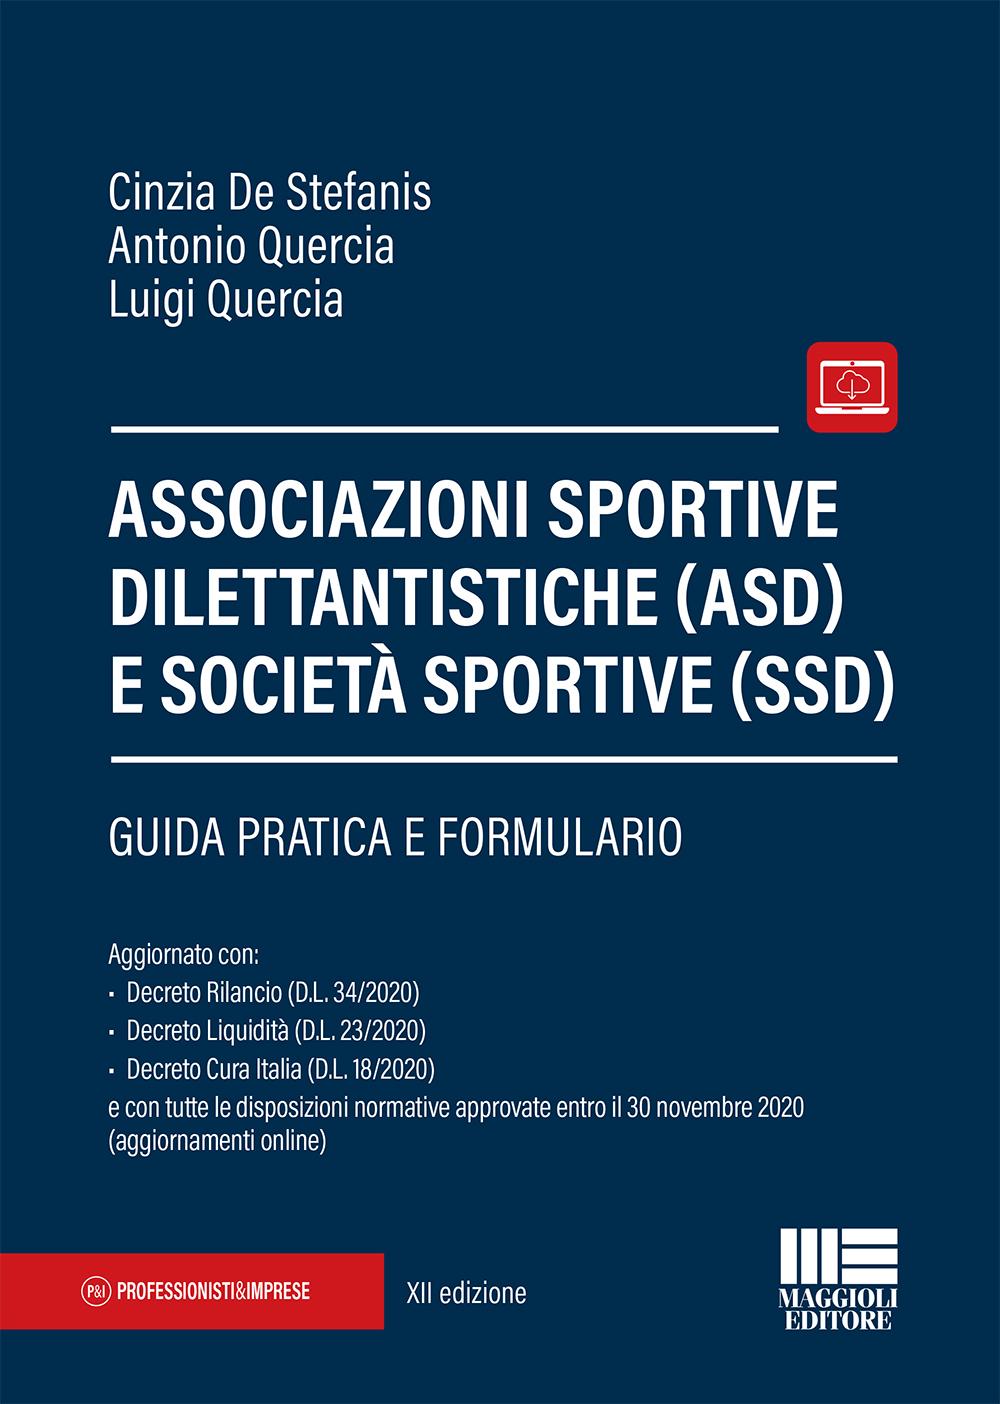 Associazioni sportive dilettantistiche (ASD) e società